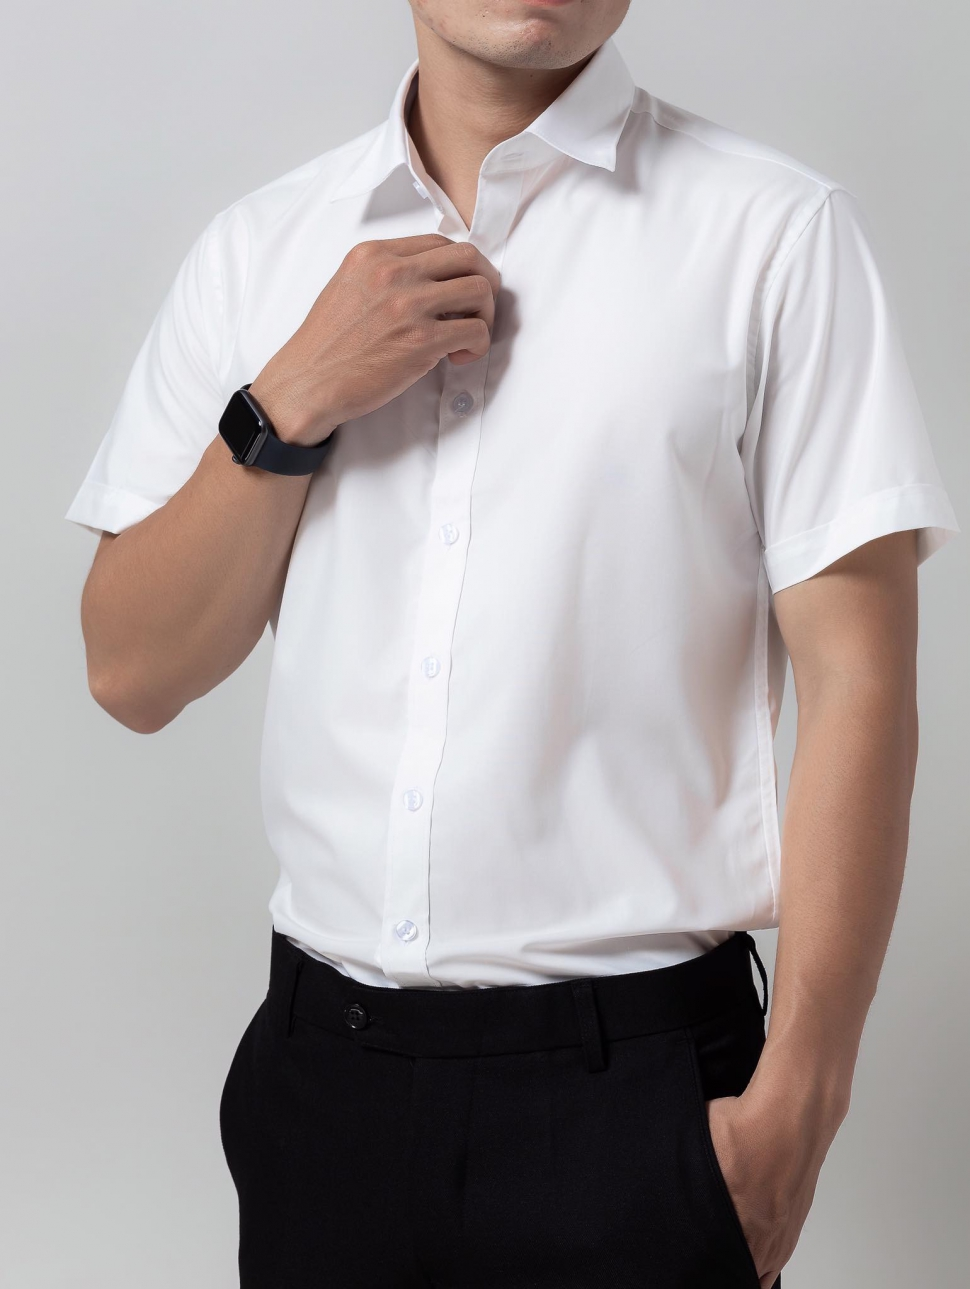 Đồng phục áo sơ mi tay ngắn màu trắng